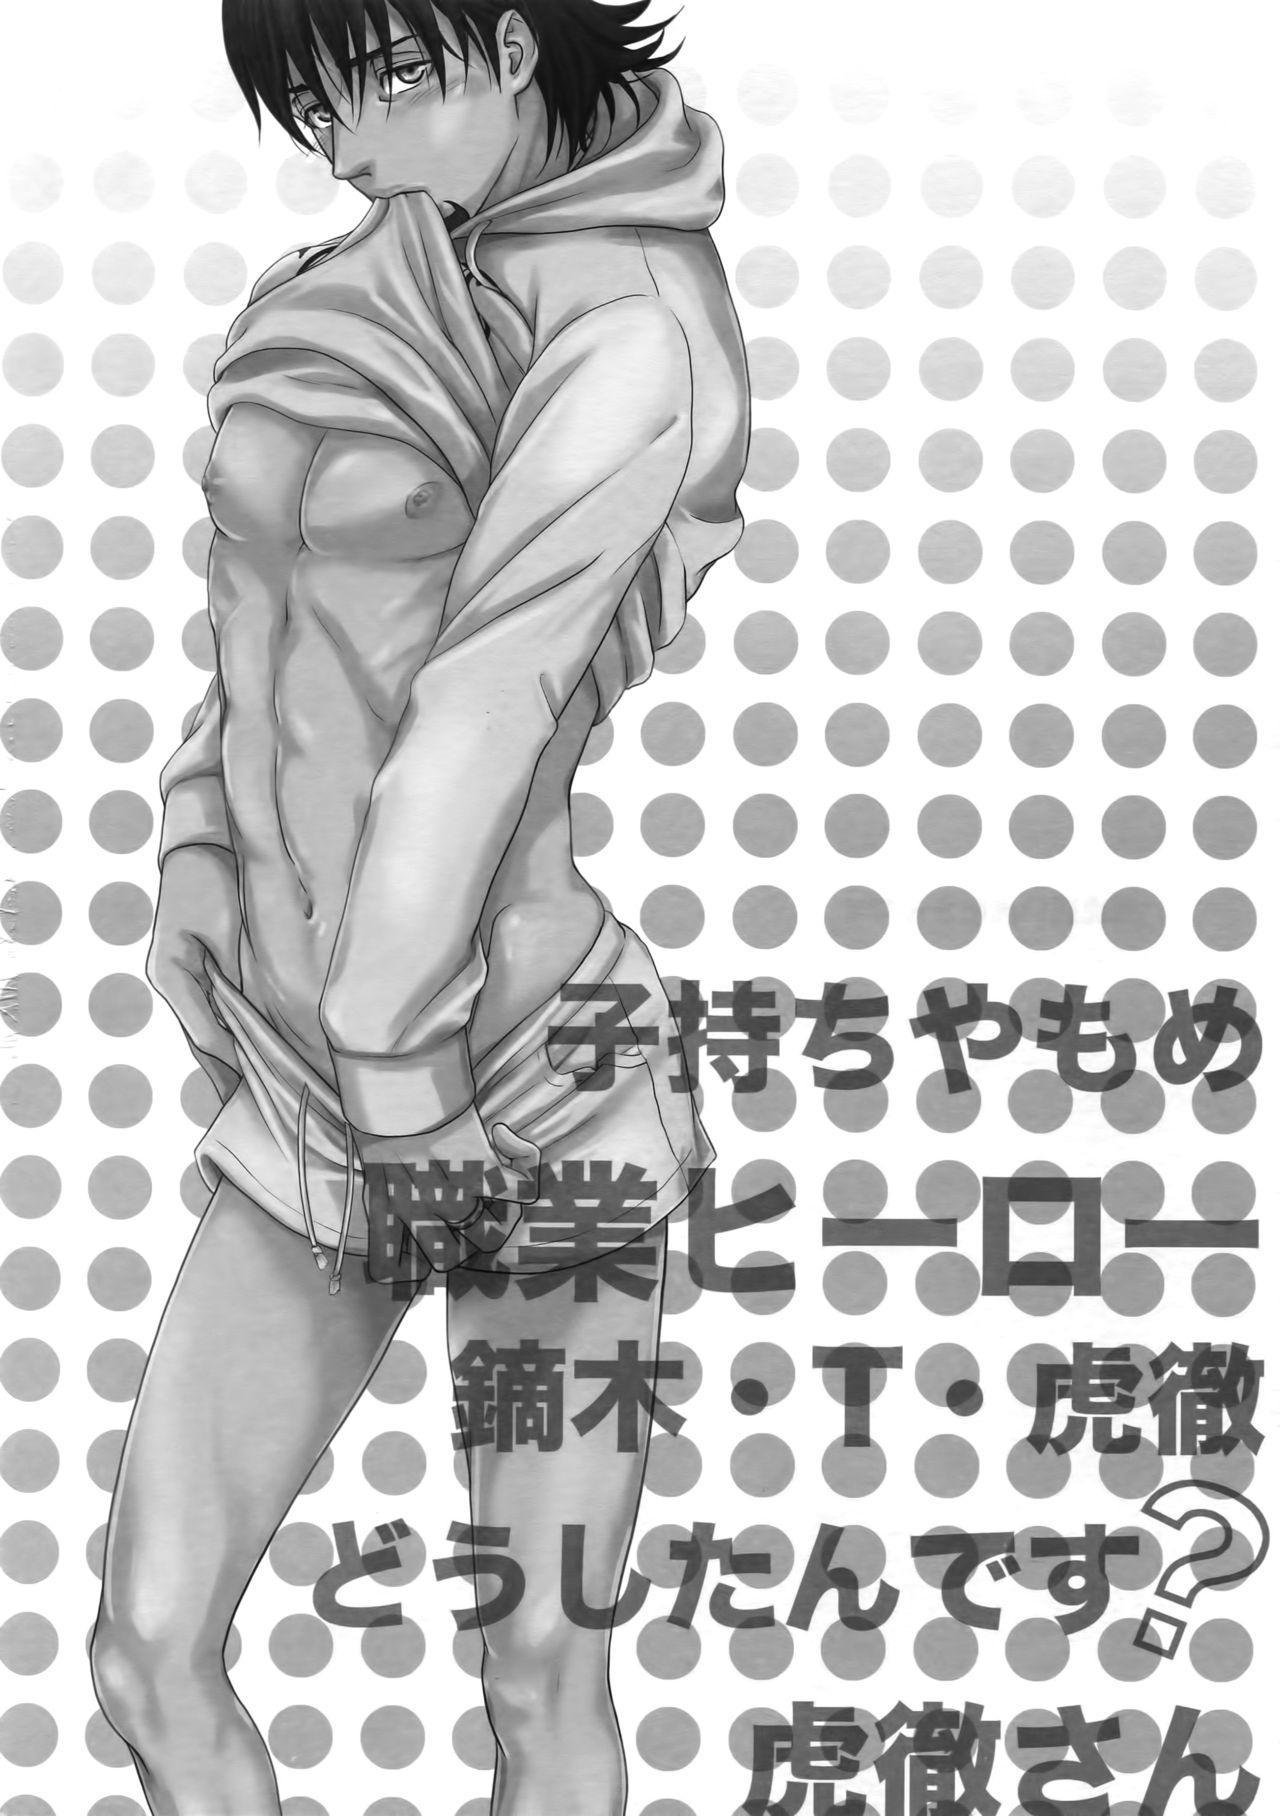 Komochi Yamome Shokugyou Hero Kaburagi T Toratouru Doushitan desu? Toratouru-san 2